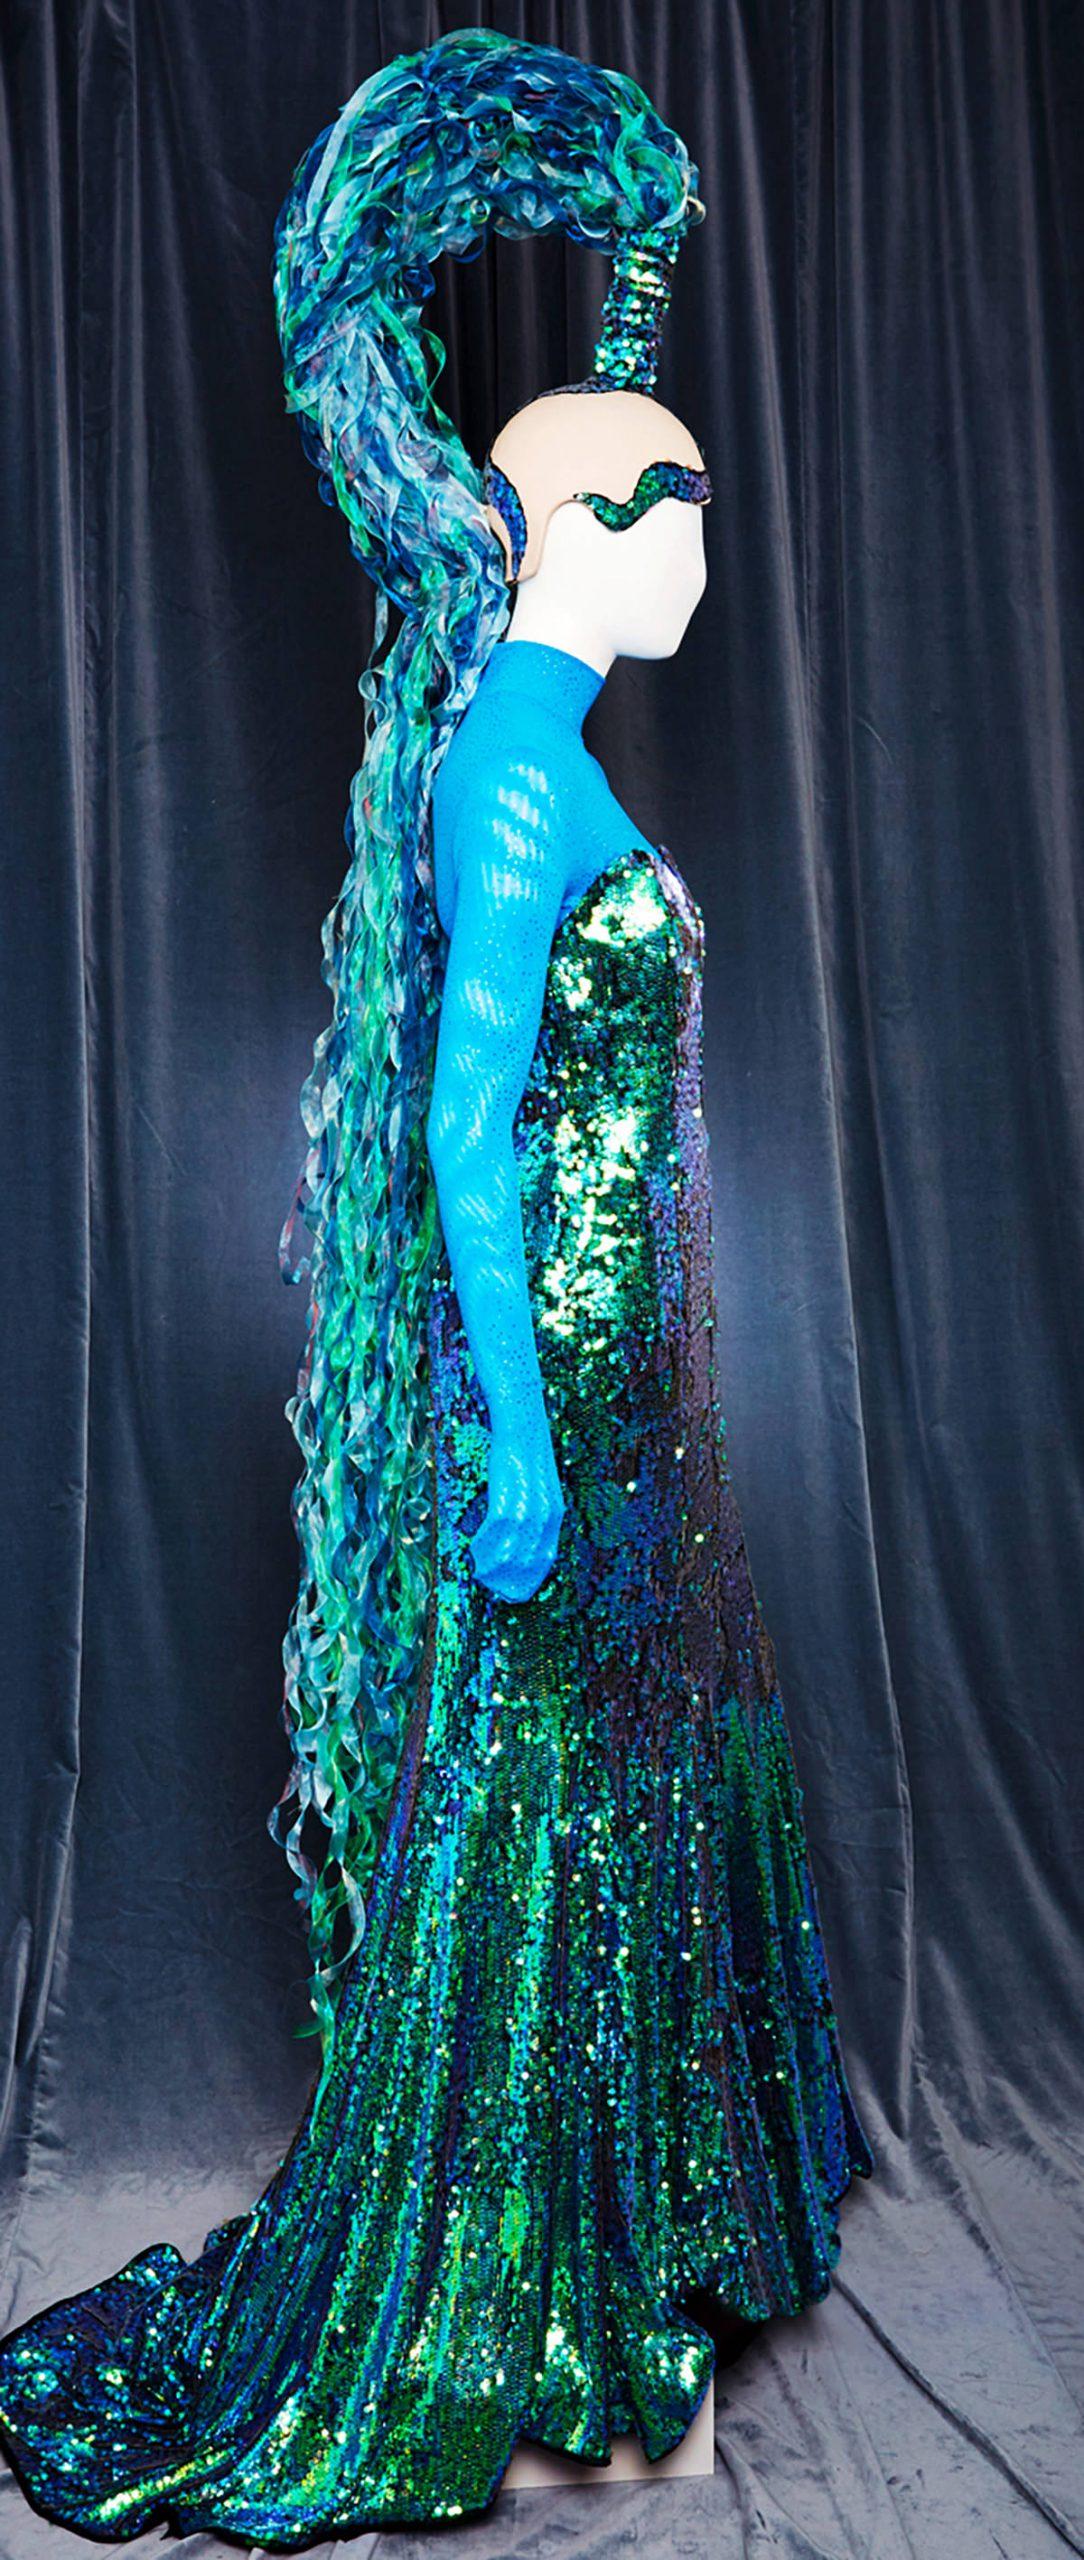 Individueller Haarschmuck für Show Aida Polaris von Birke Breckwoldt